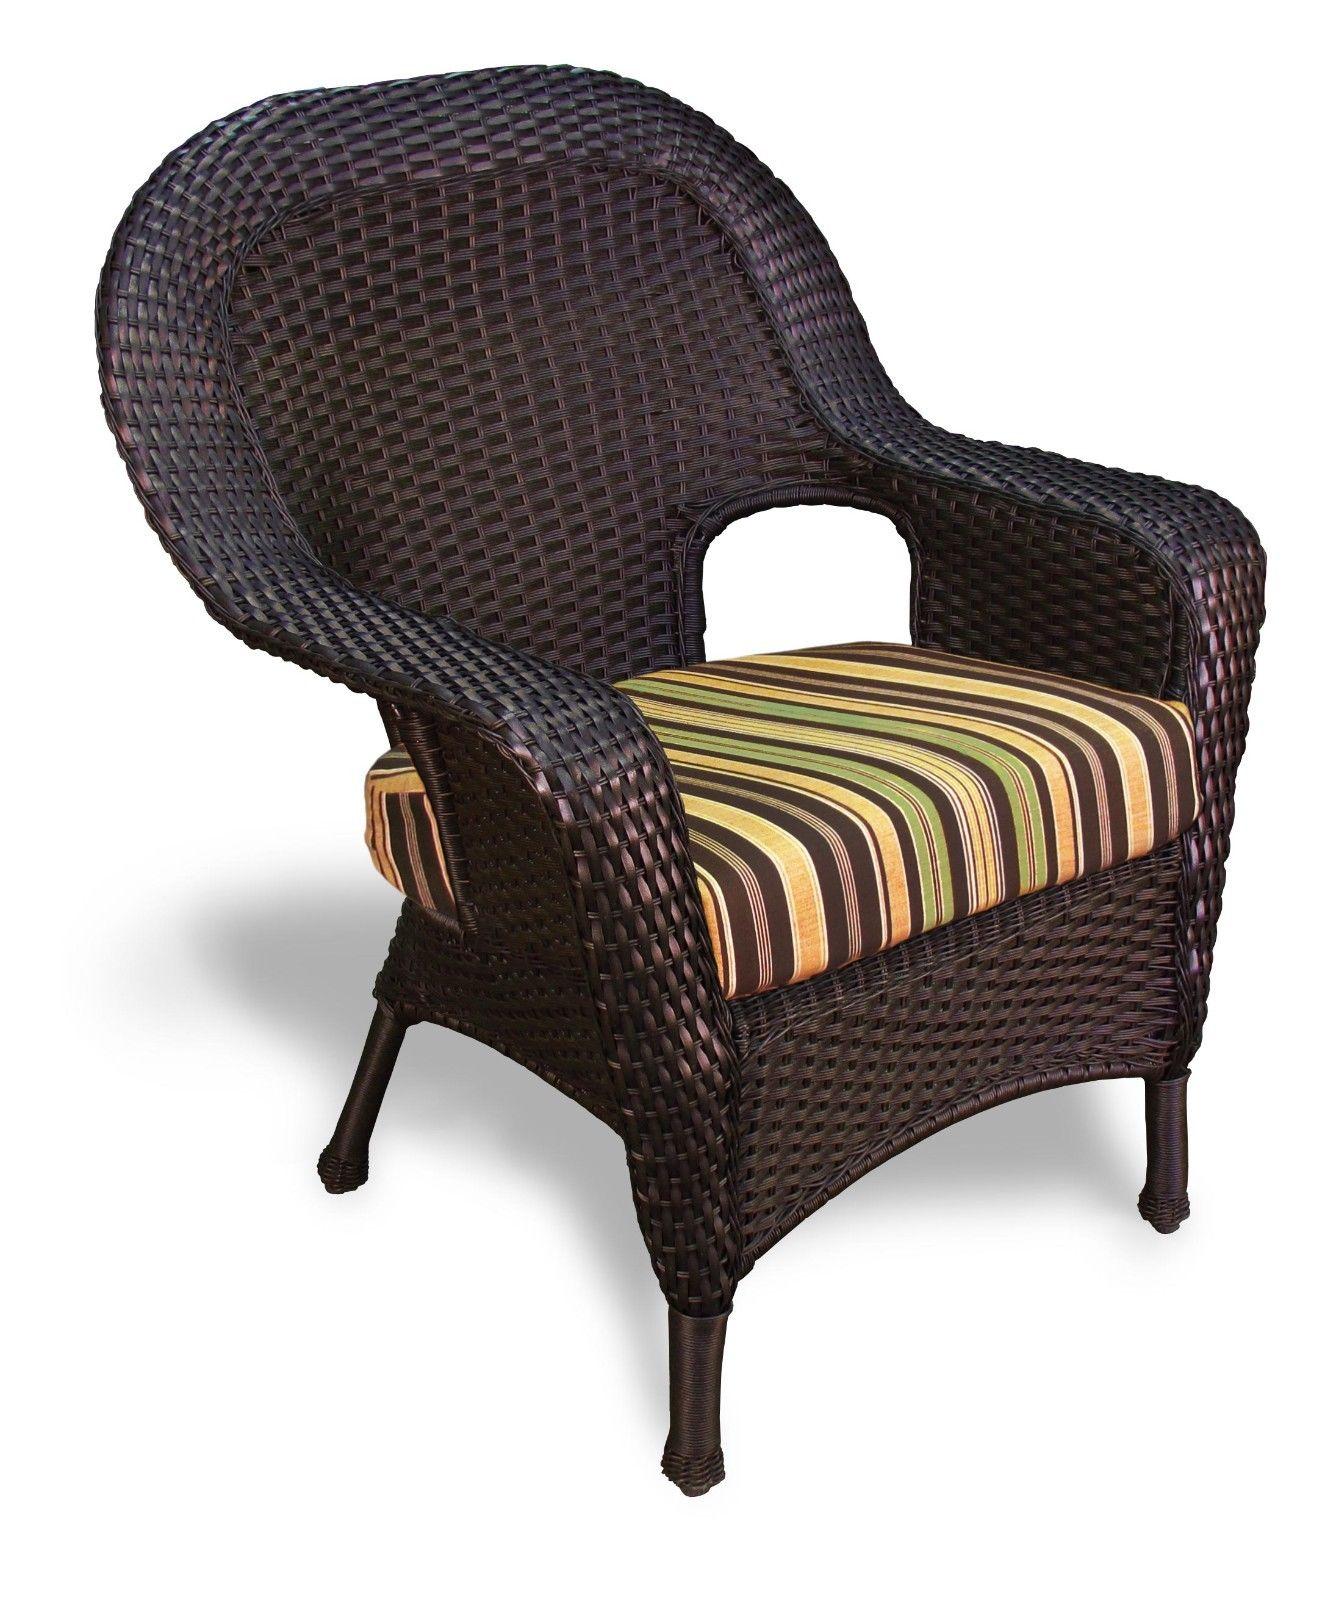 #145 - Outdoor Patio Garden Furniture Tortoise Resin Wicker Dining Chair in Vera Coal